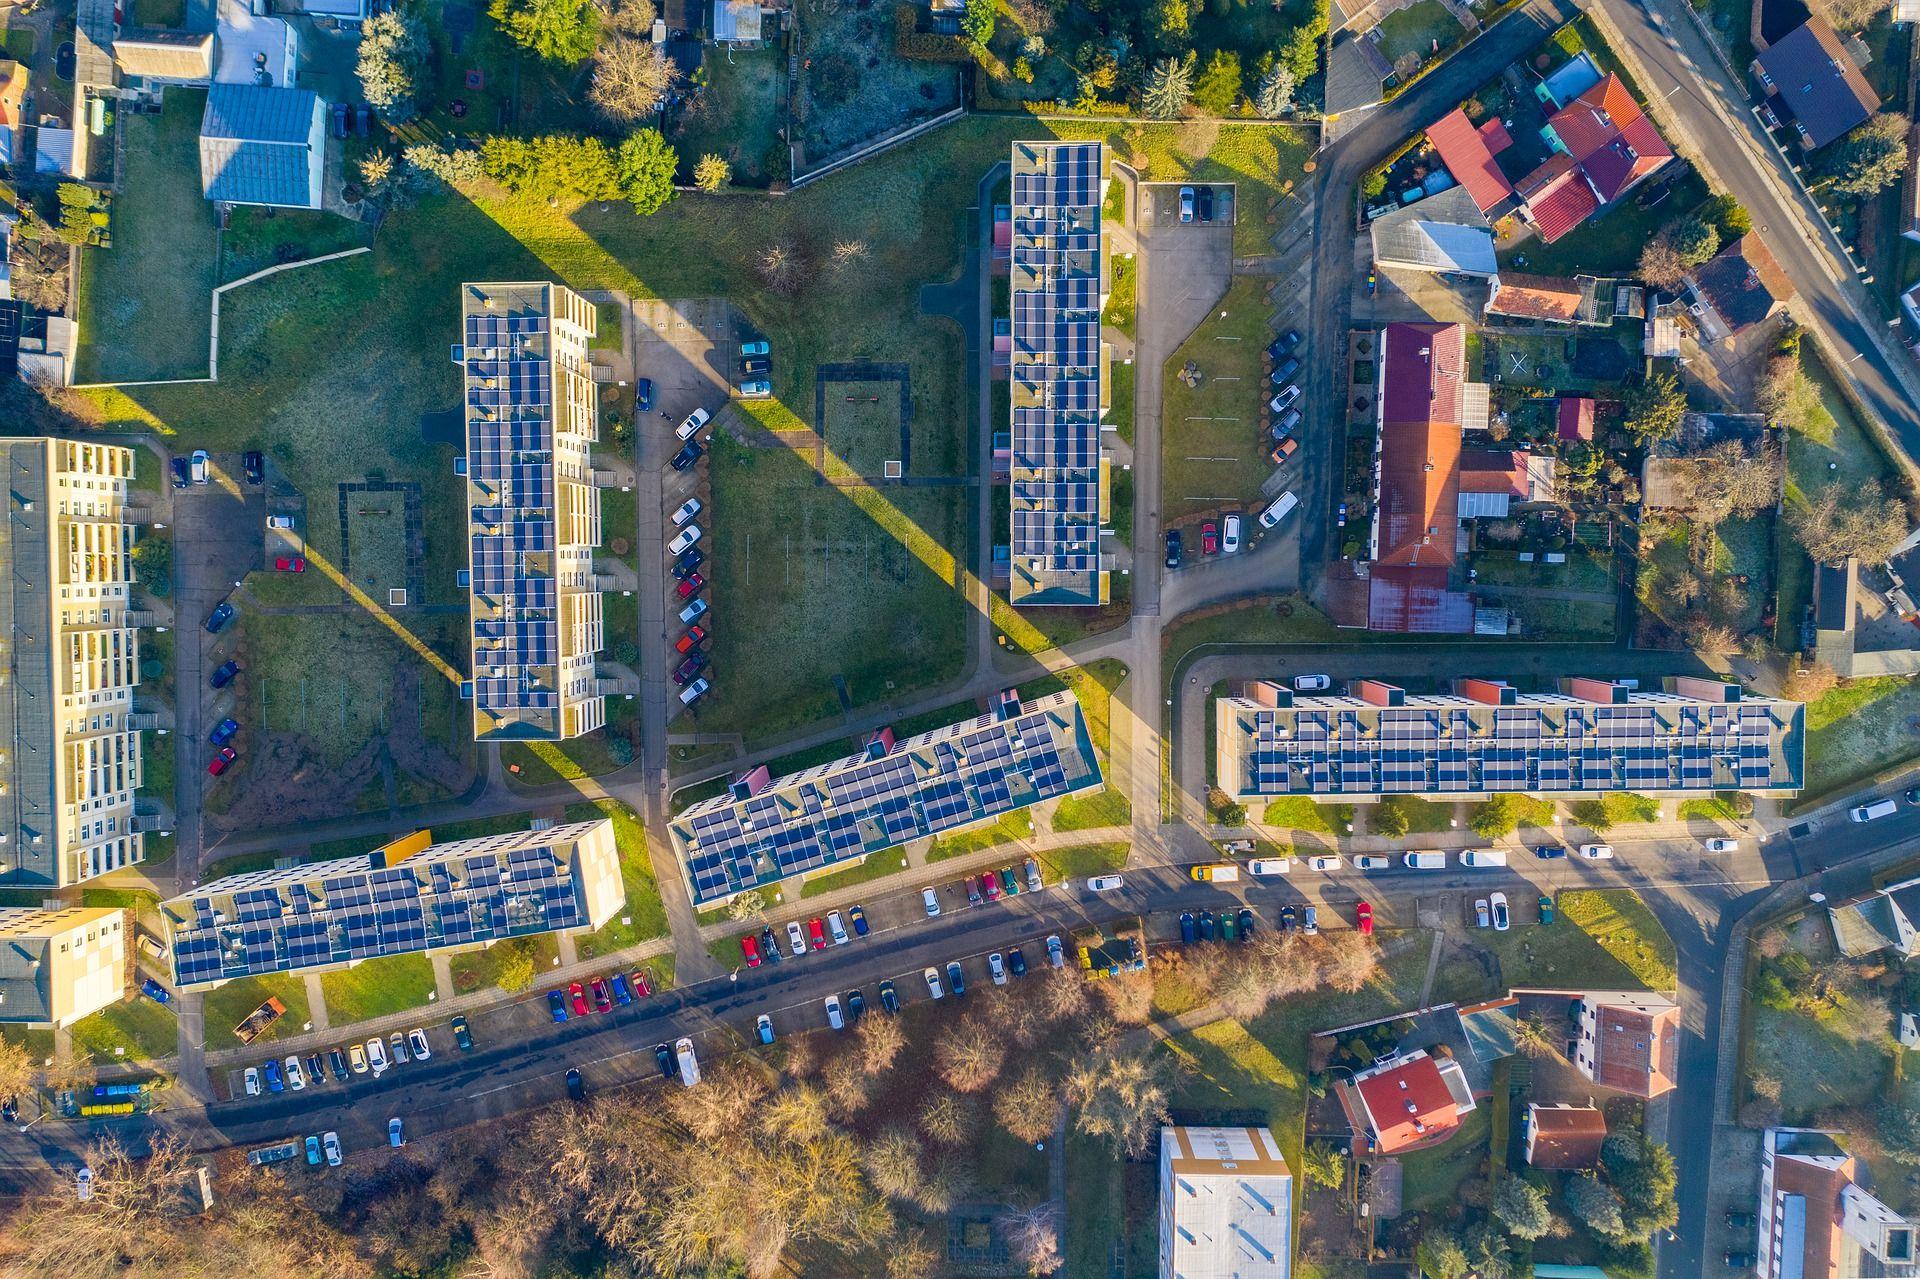 Blick auf grüne Dächer und Straßen